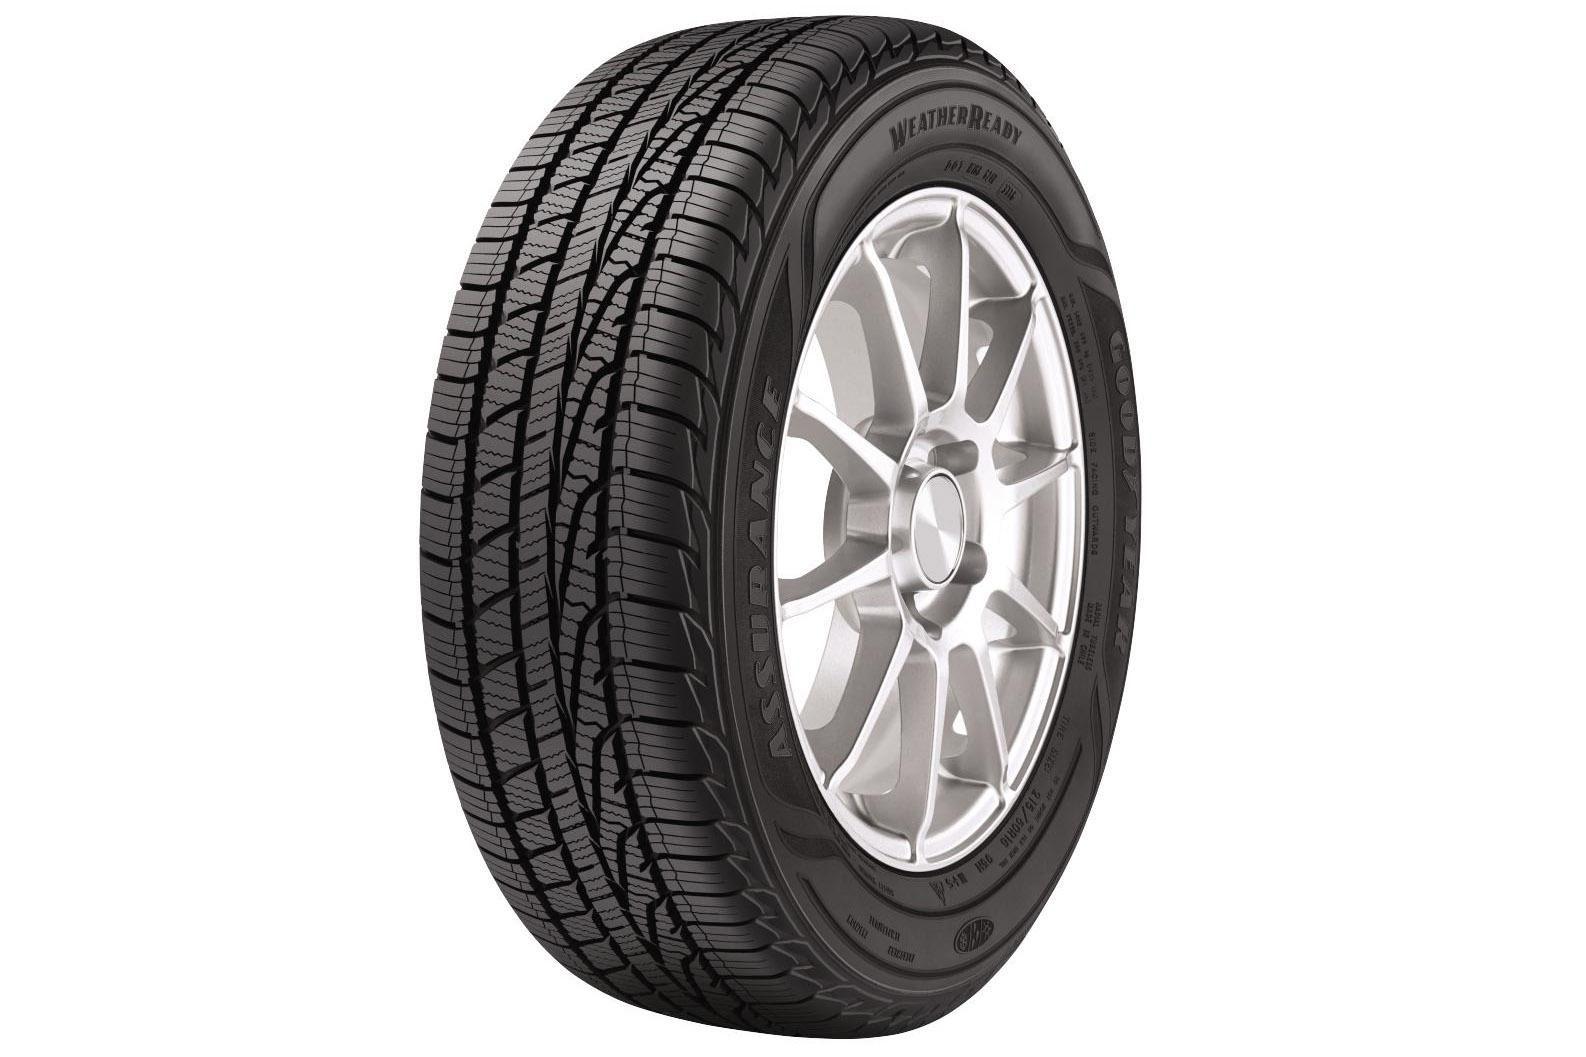 Goodyear Assurance WeatherReady - еще больше уверенности за рулем при любой погоде